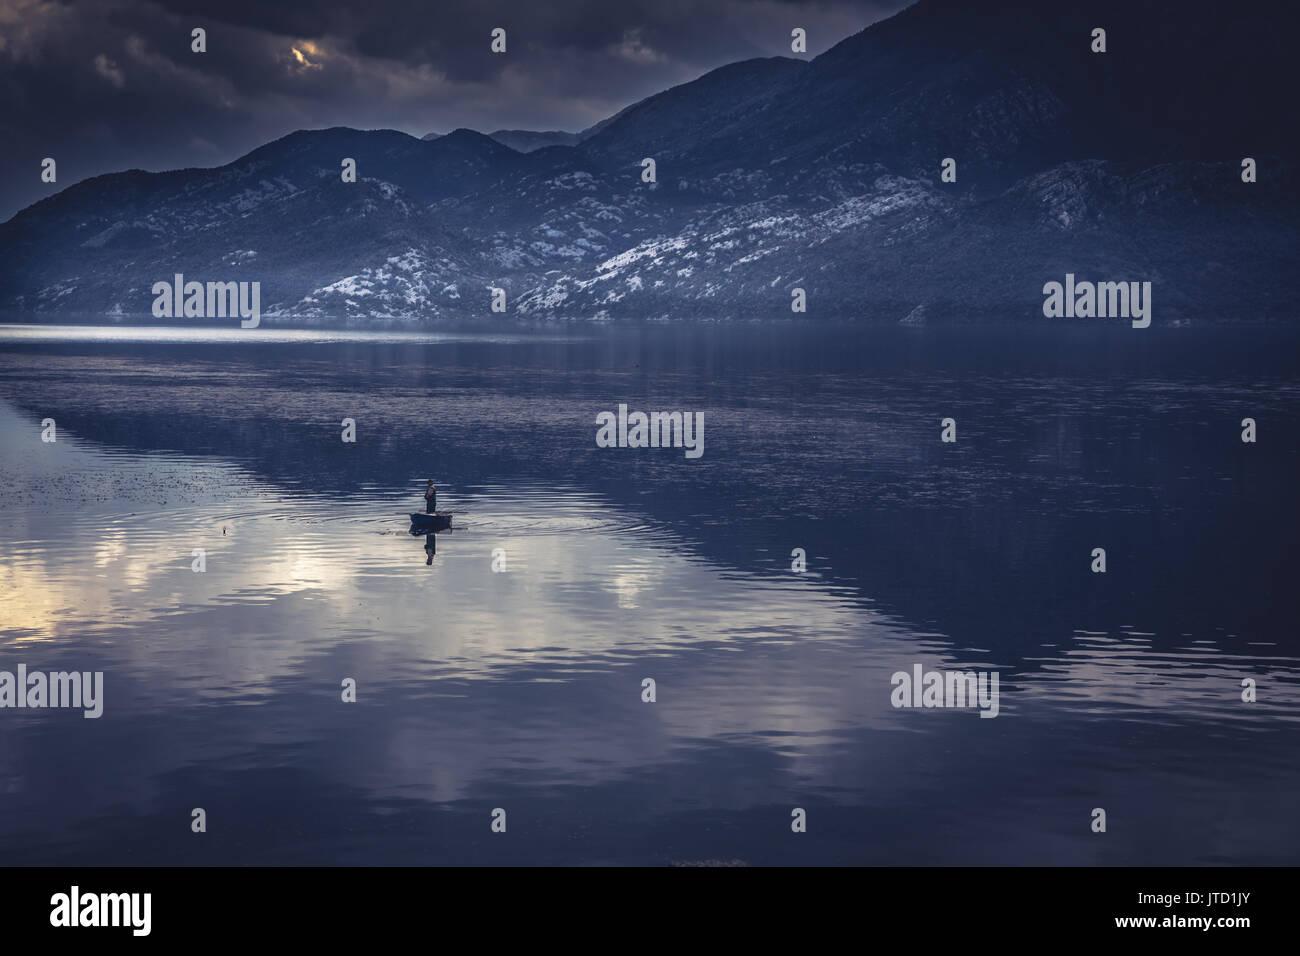 Idilliaco paesaggio di montagna con uomo in barca da pesca nel mezzo di un tranquillo lago con acqua riflessioni durante il sunrise con drammatico nel cielo blu a Immagini Stock